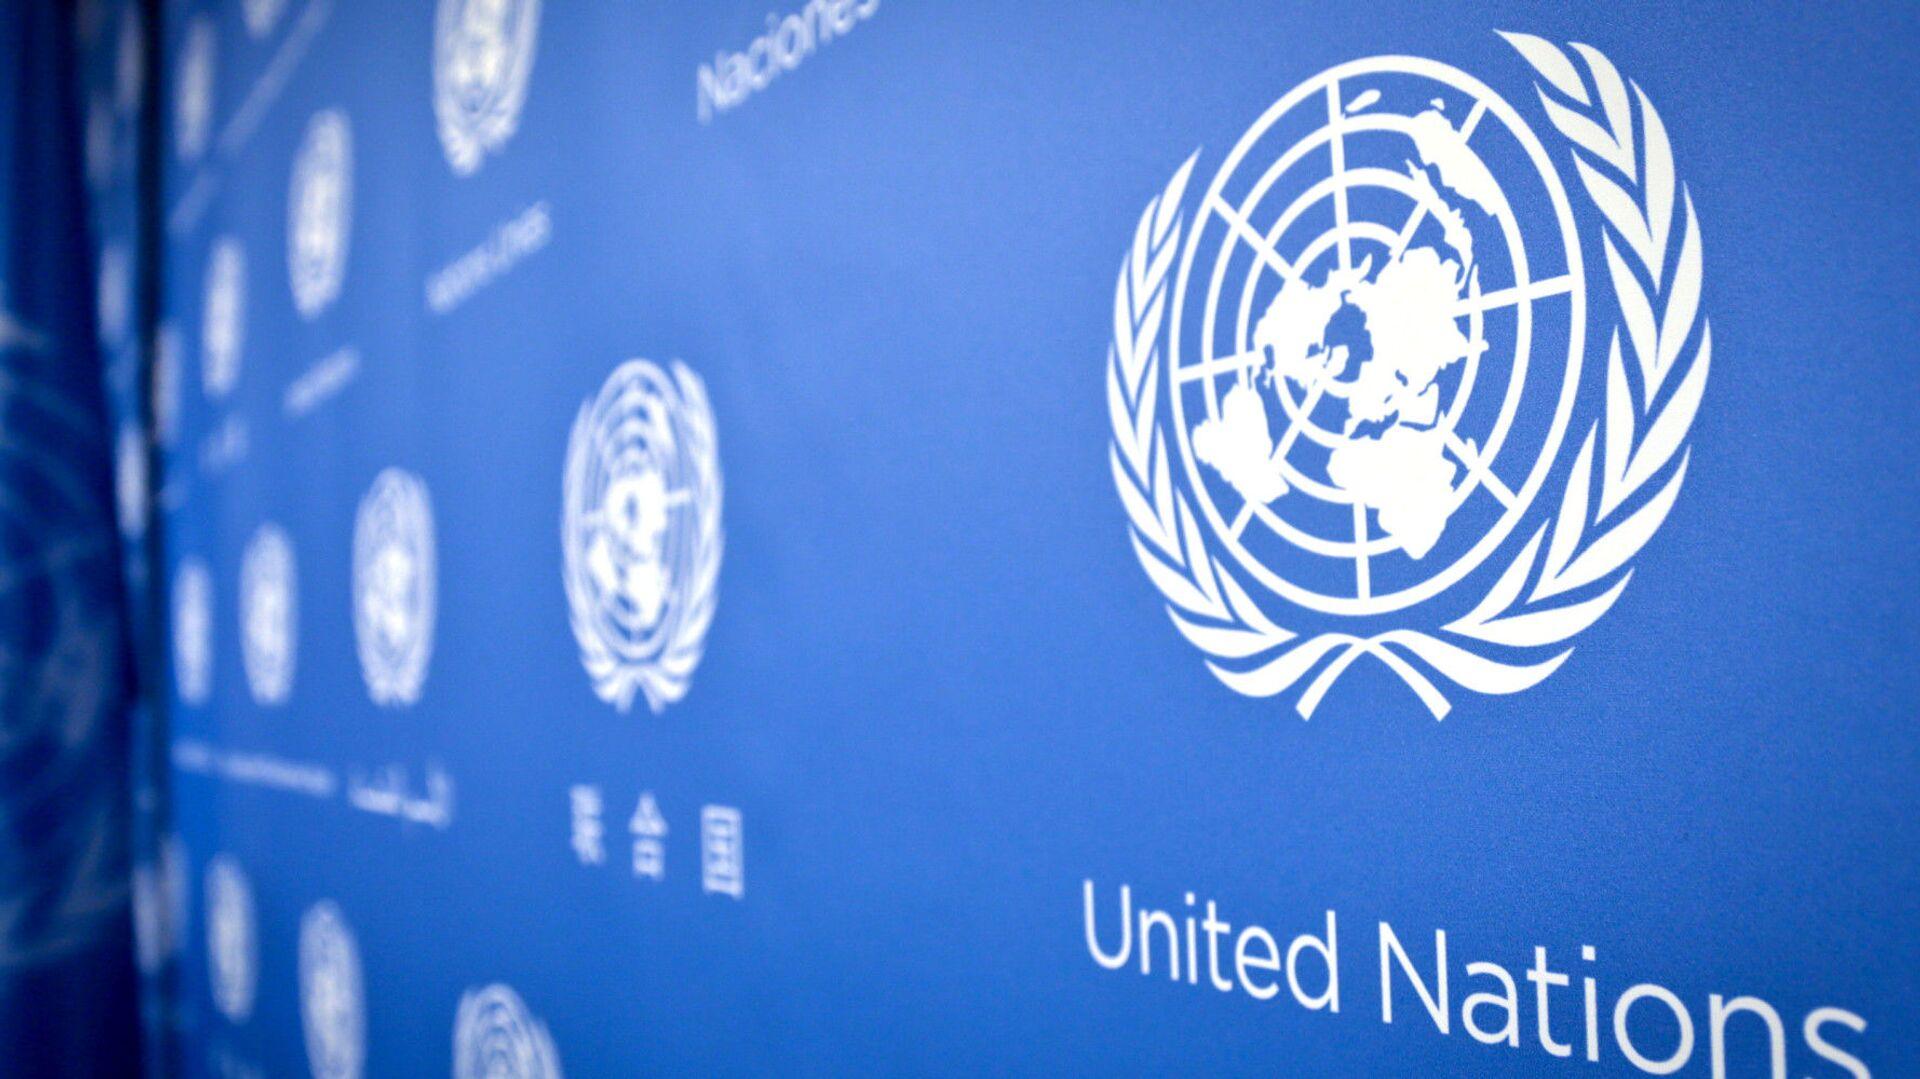 Birleşmiş Milletler - BM - Sputnik Türkiye, 1920, 05.08.2021